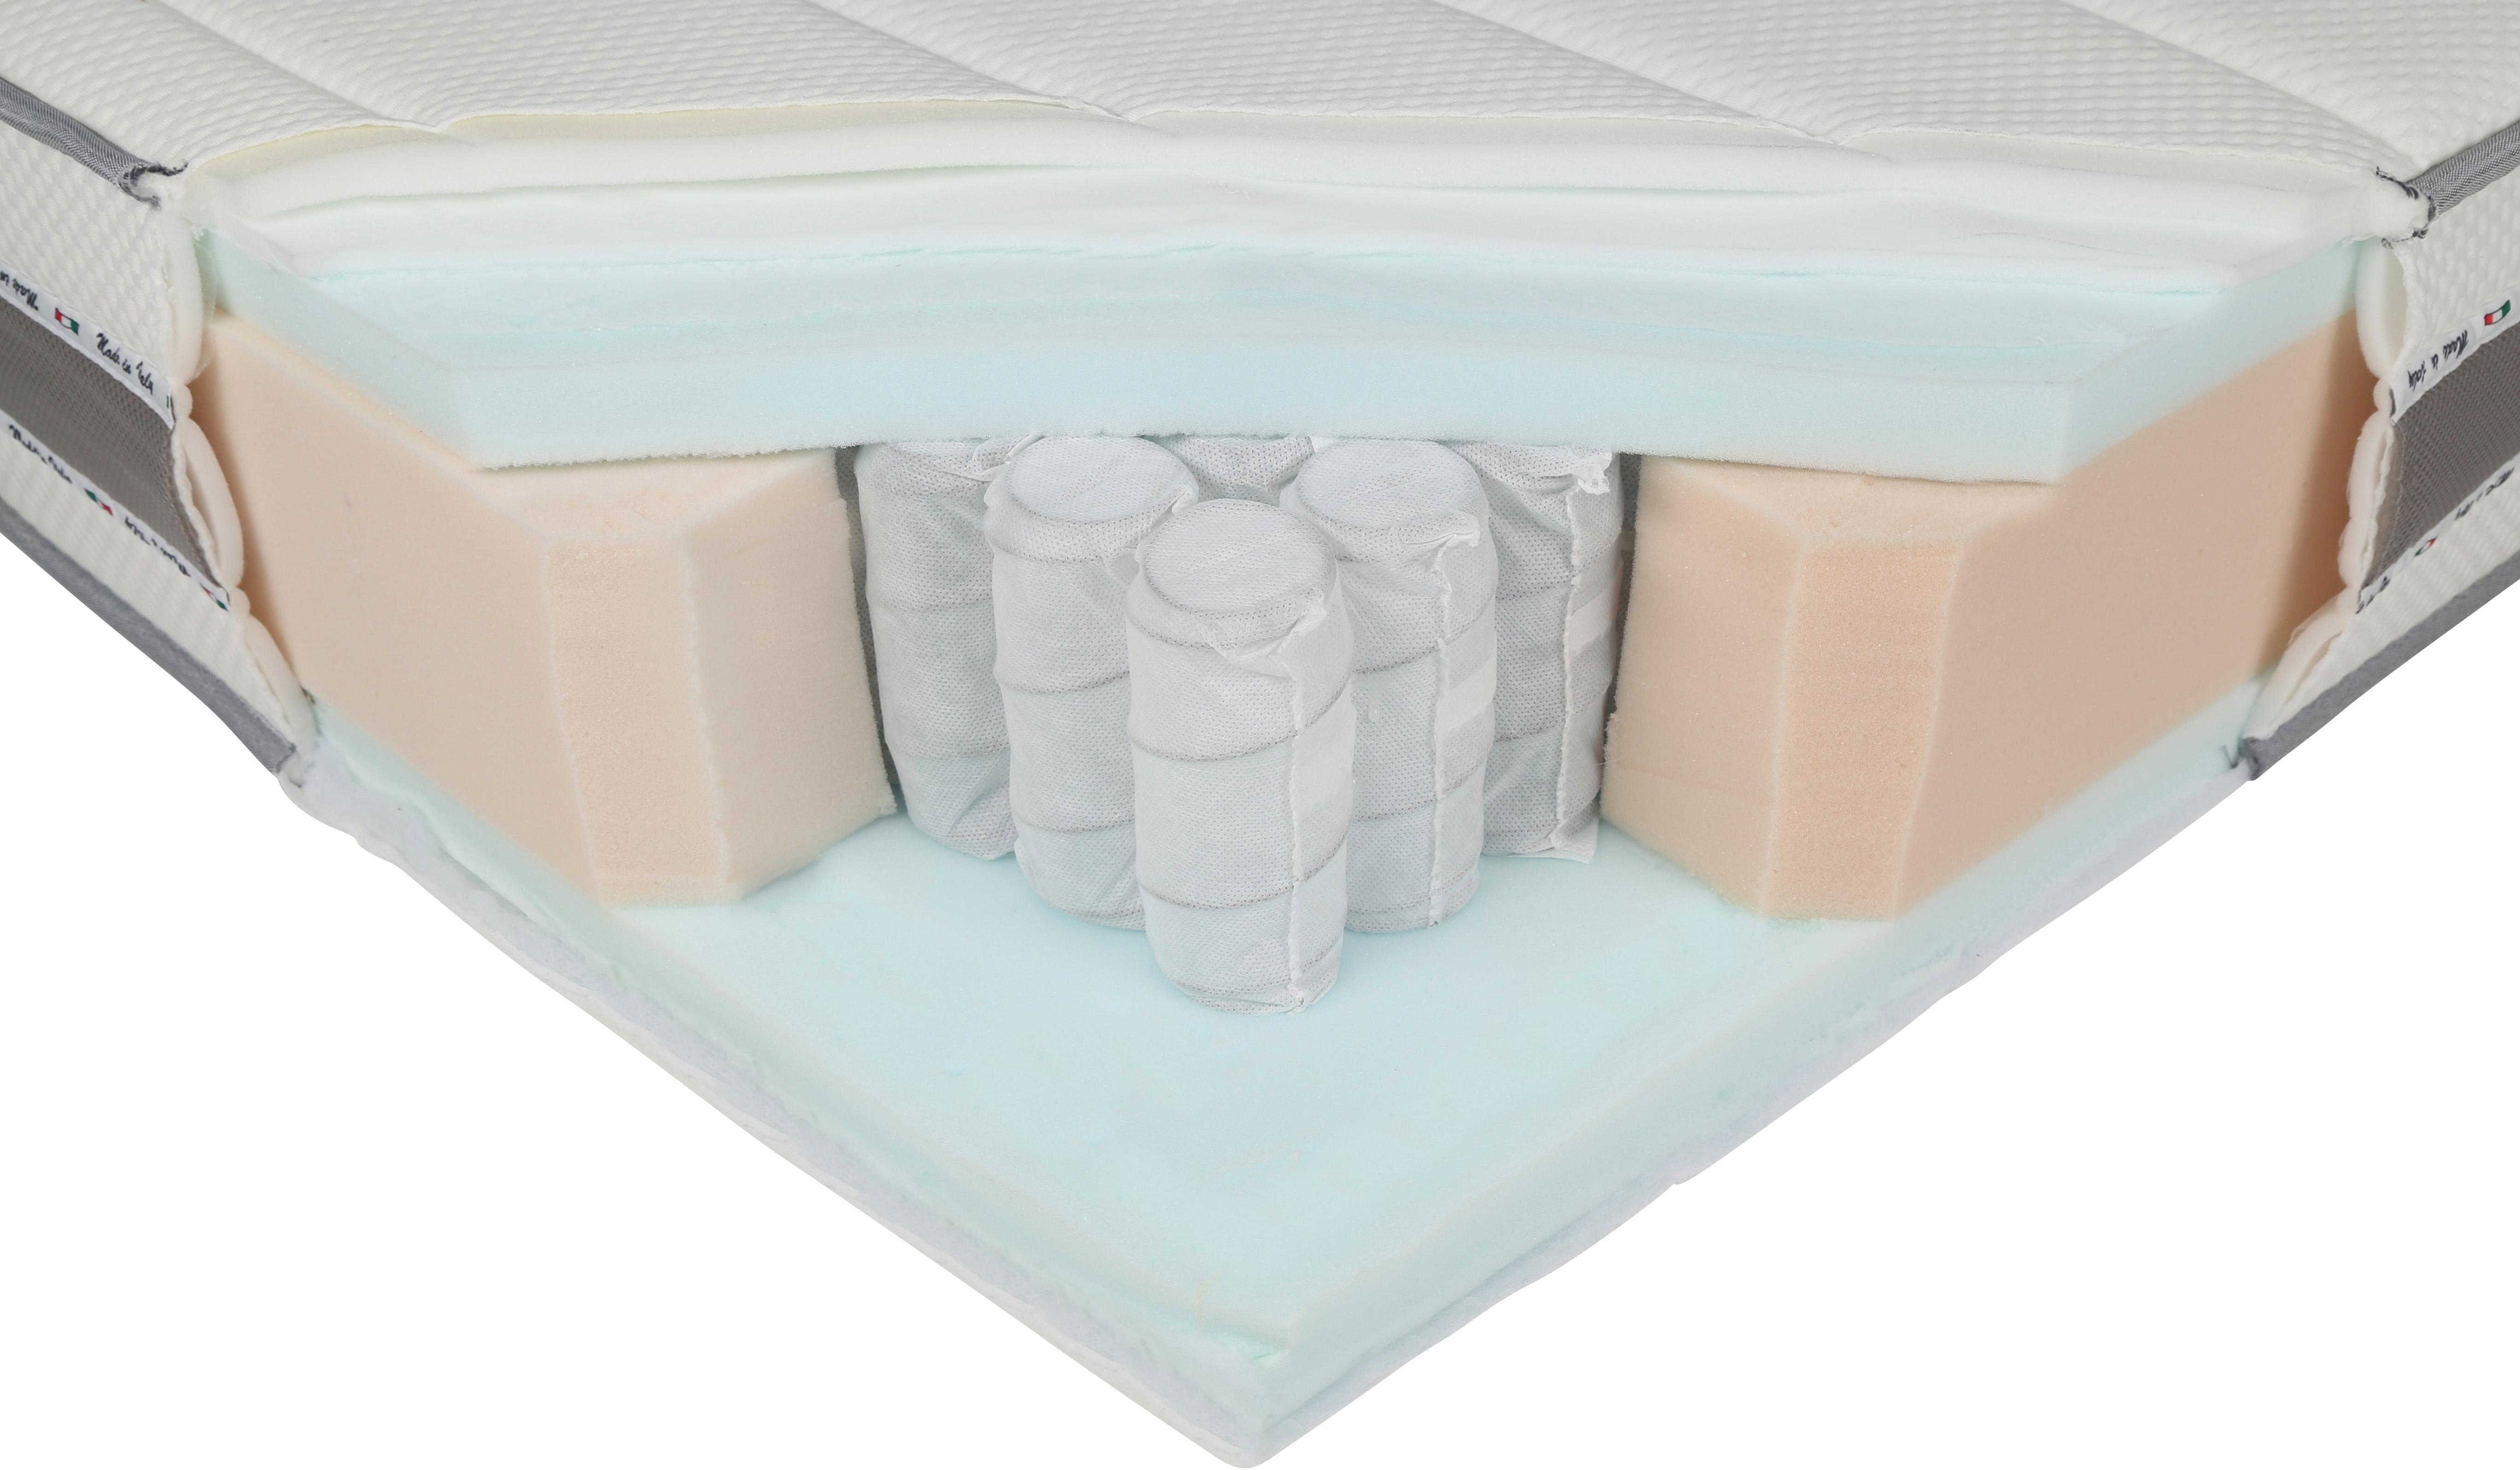 Materassi Mondo Convenienza Opinioni.Test E Recensione Mondo Convenienza Silver Fast Altroconsumo